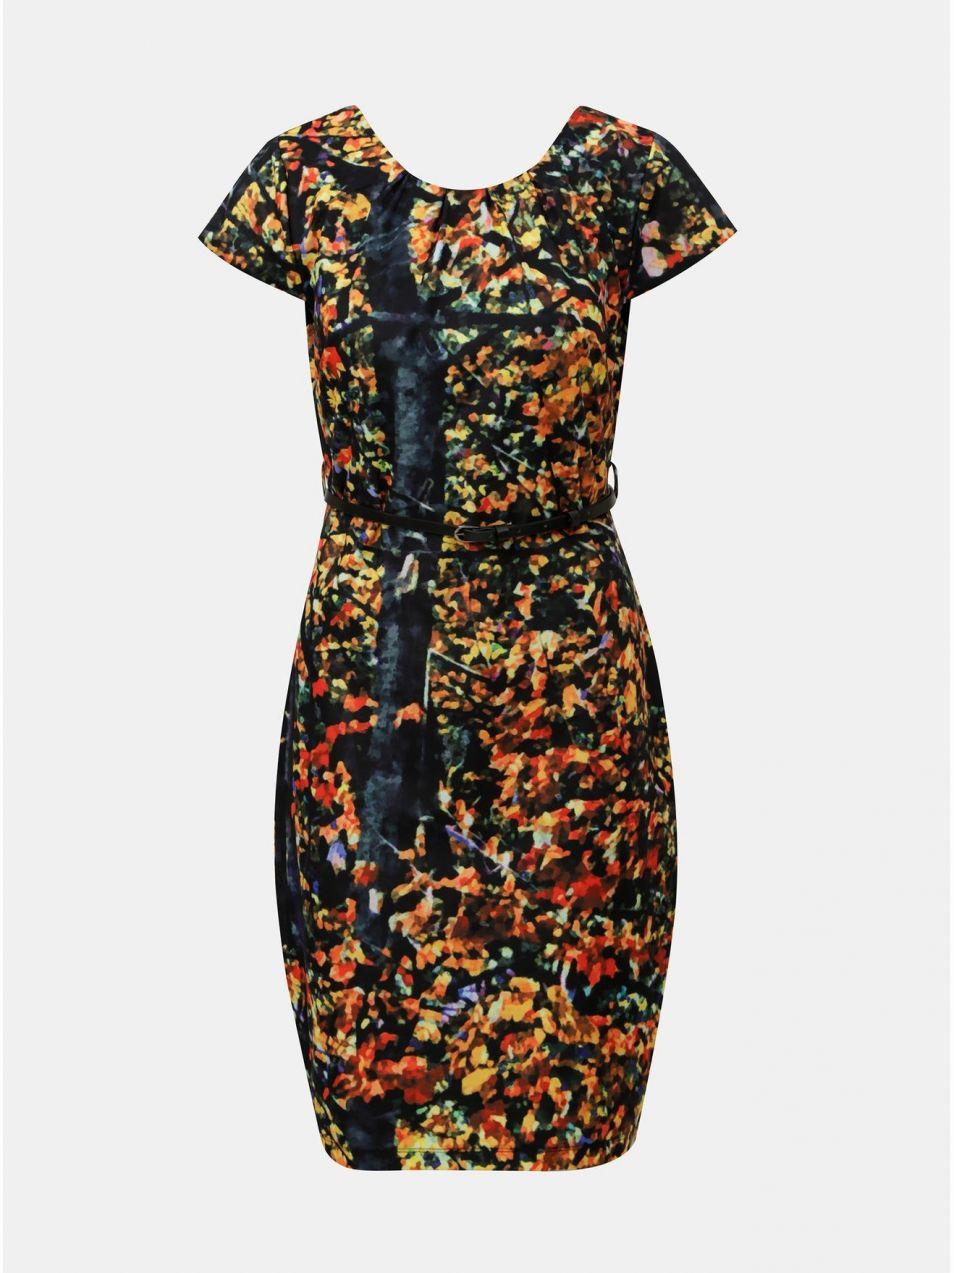 Oranžovo–čierne vzorované šaty s opaskom Smashed Lemon značky ... 7f52be90c1f